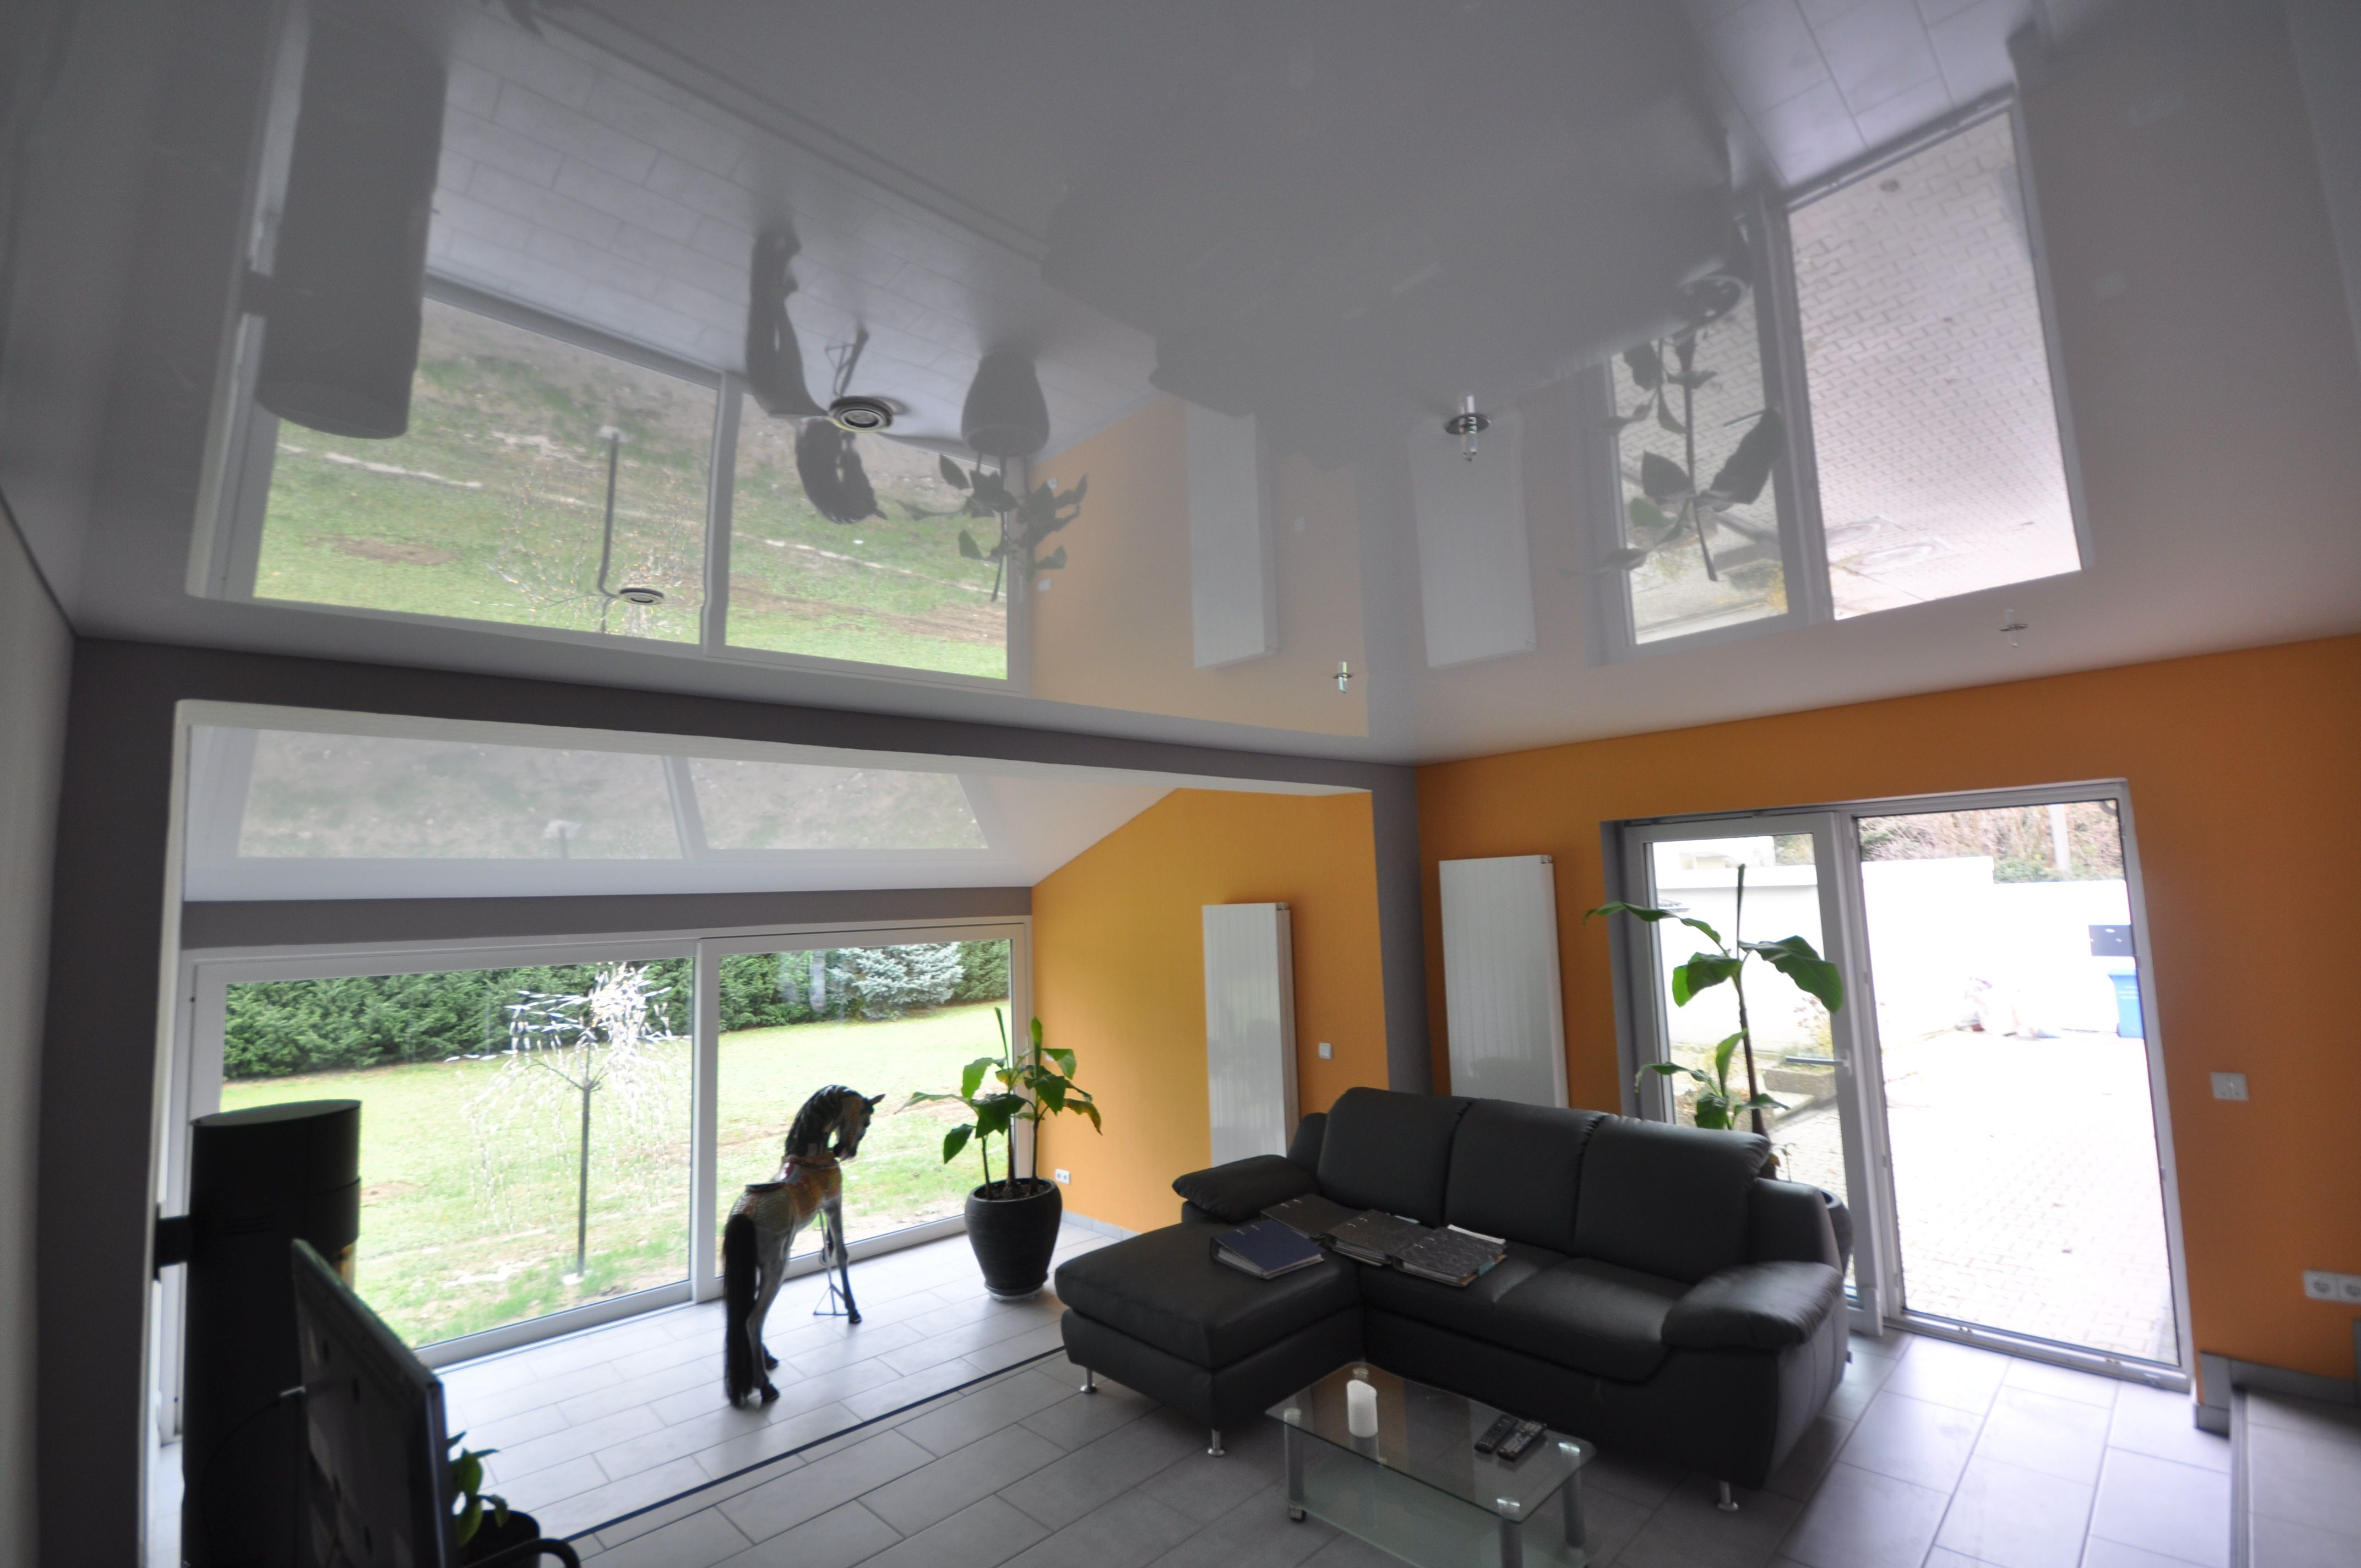 Wohnzimmer Decke ~ Spanndecke in weiß hochglanz im wonzimmer wohnzimmer decke